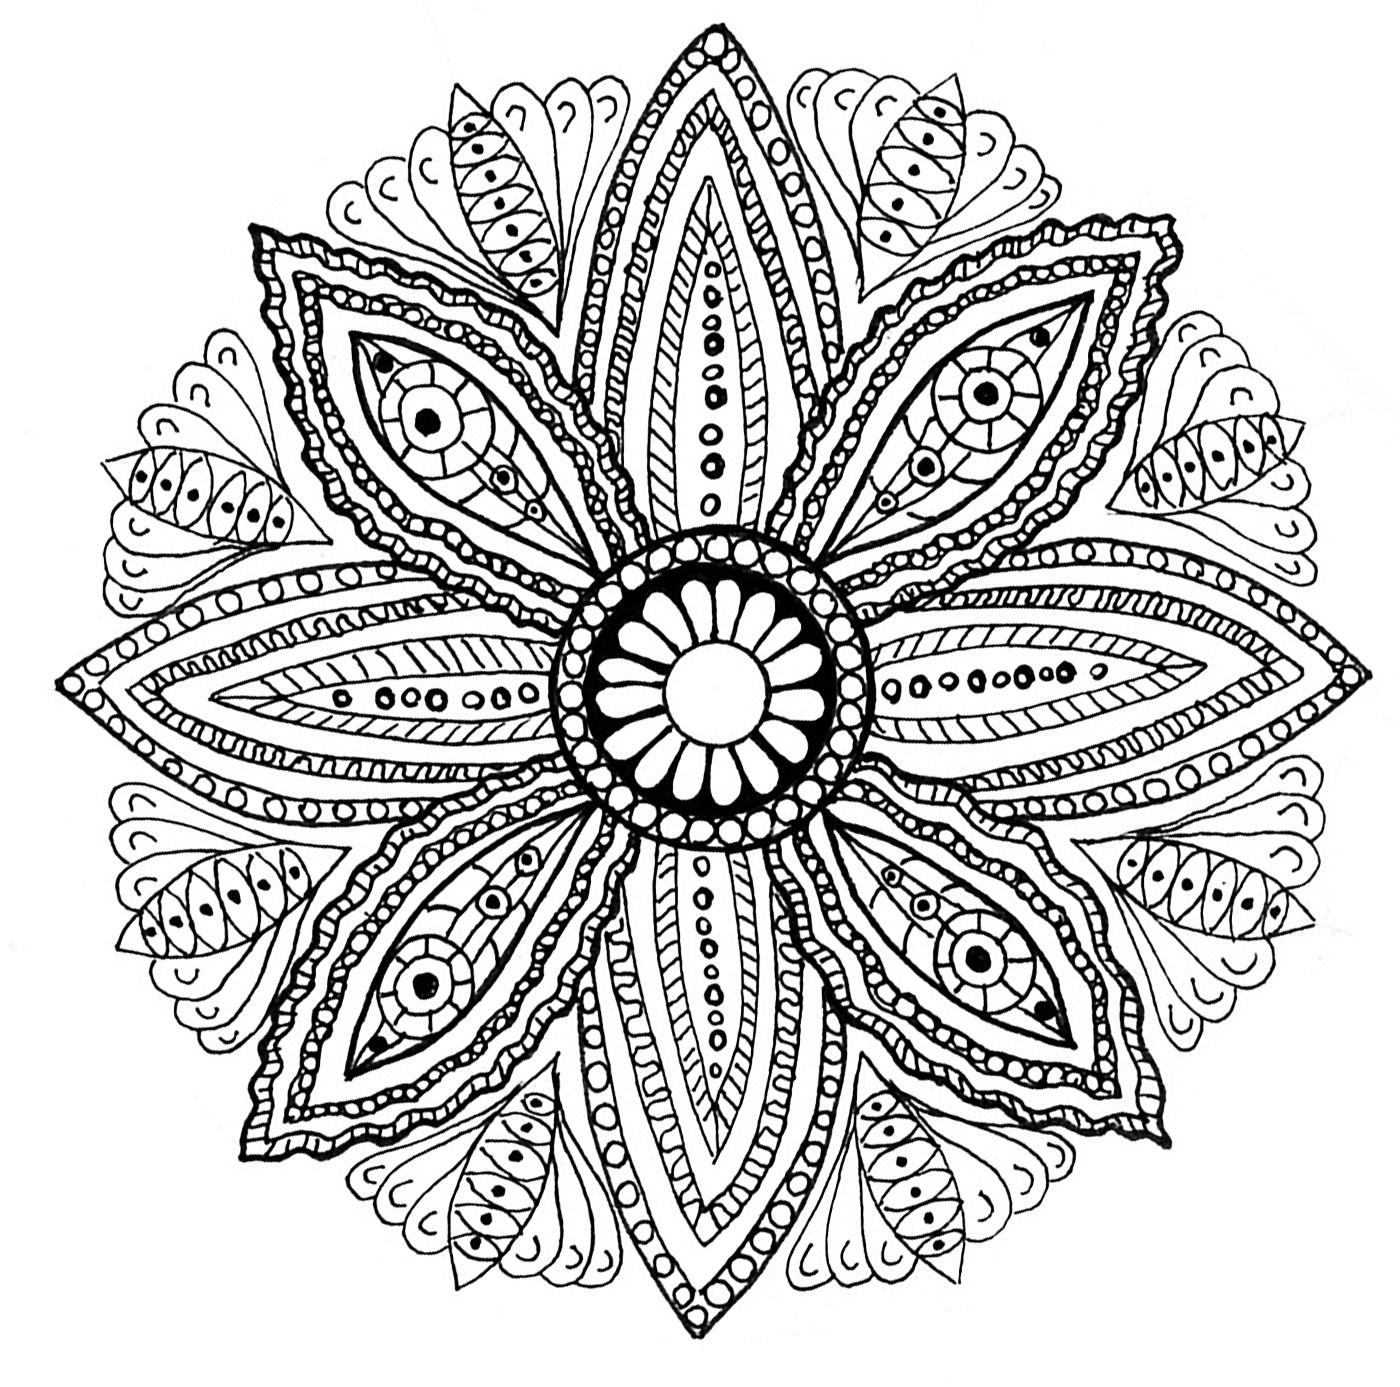 Imagenes mandala para colorear 59 orientaci n and jar - Mandala lapin ...